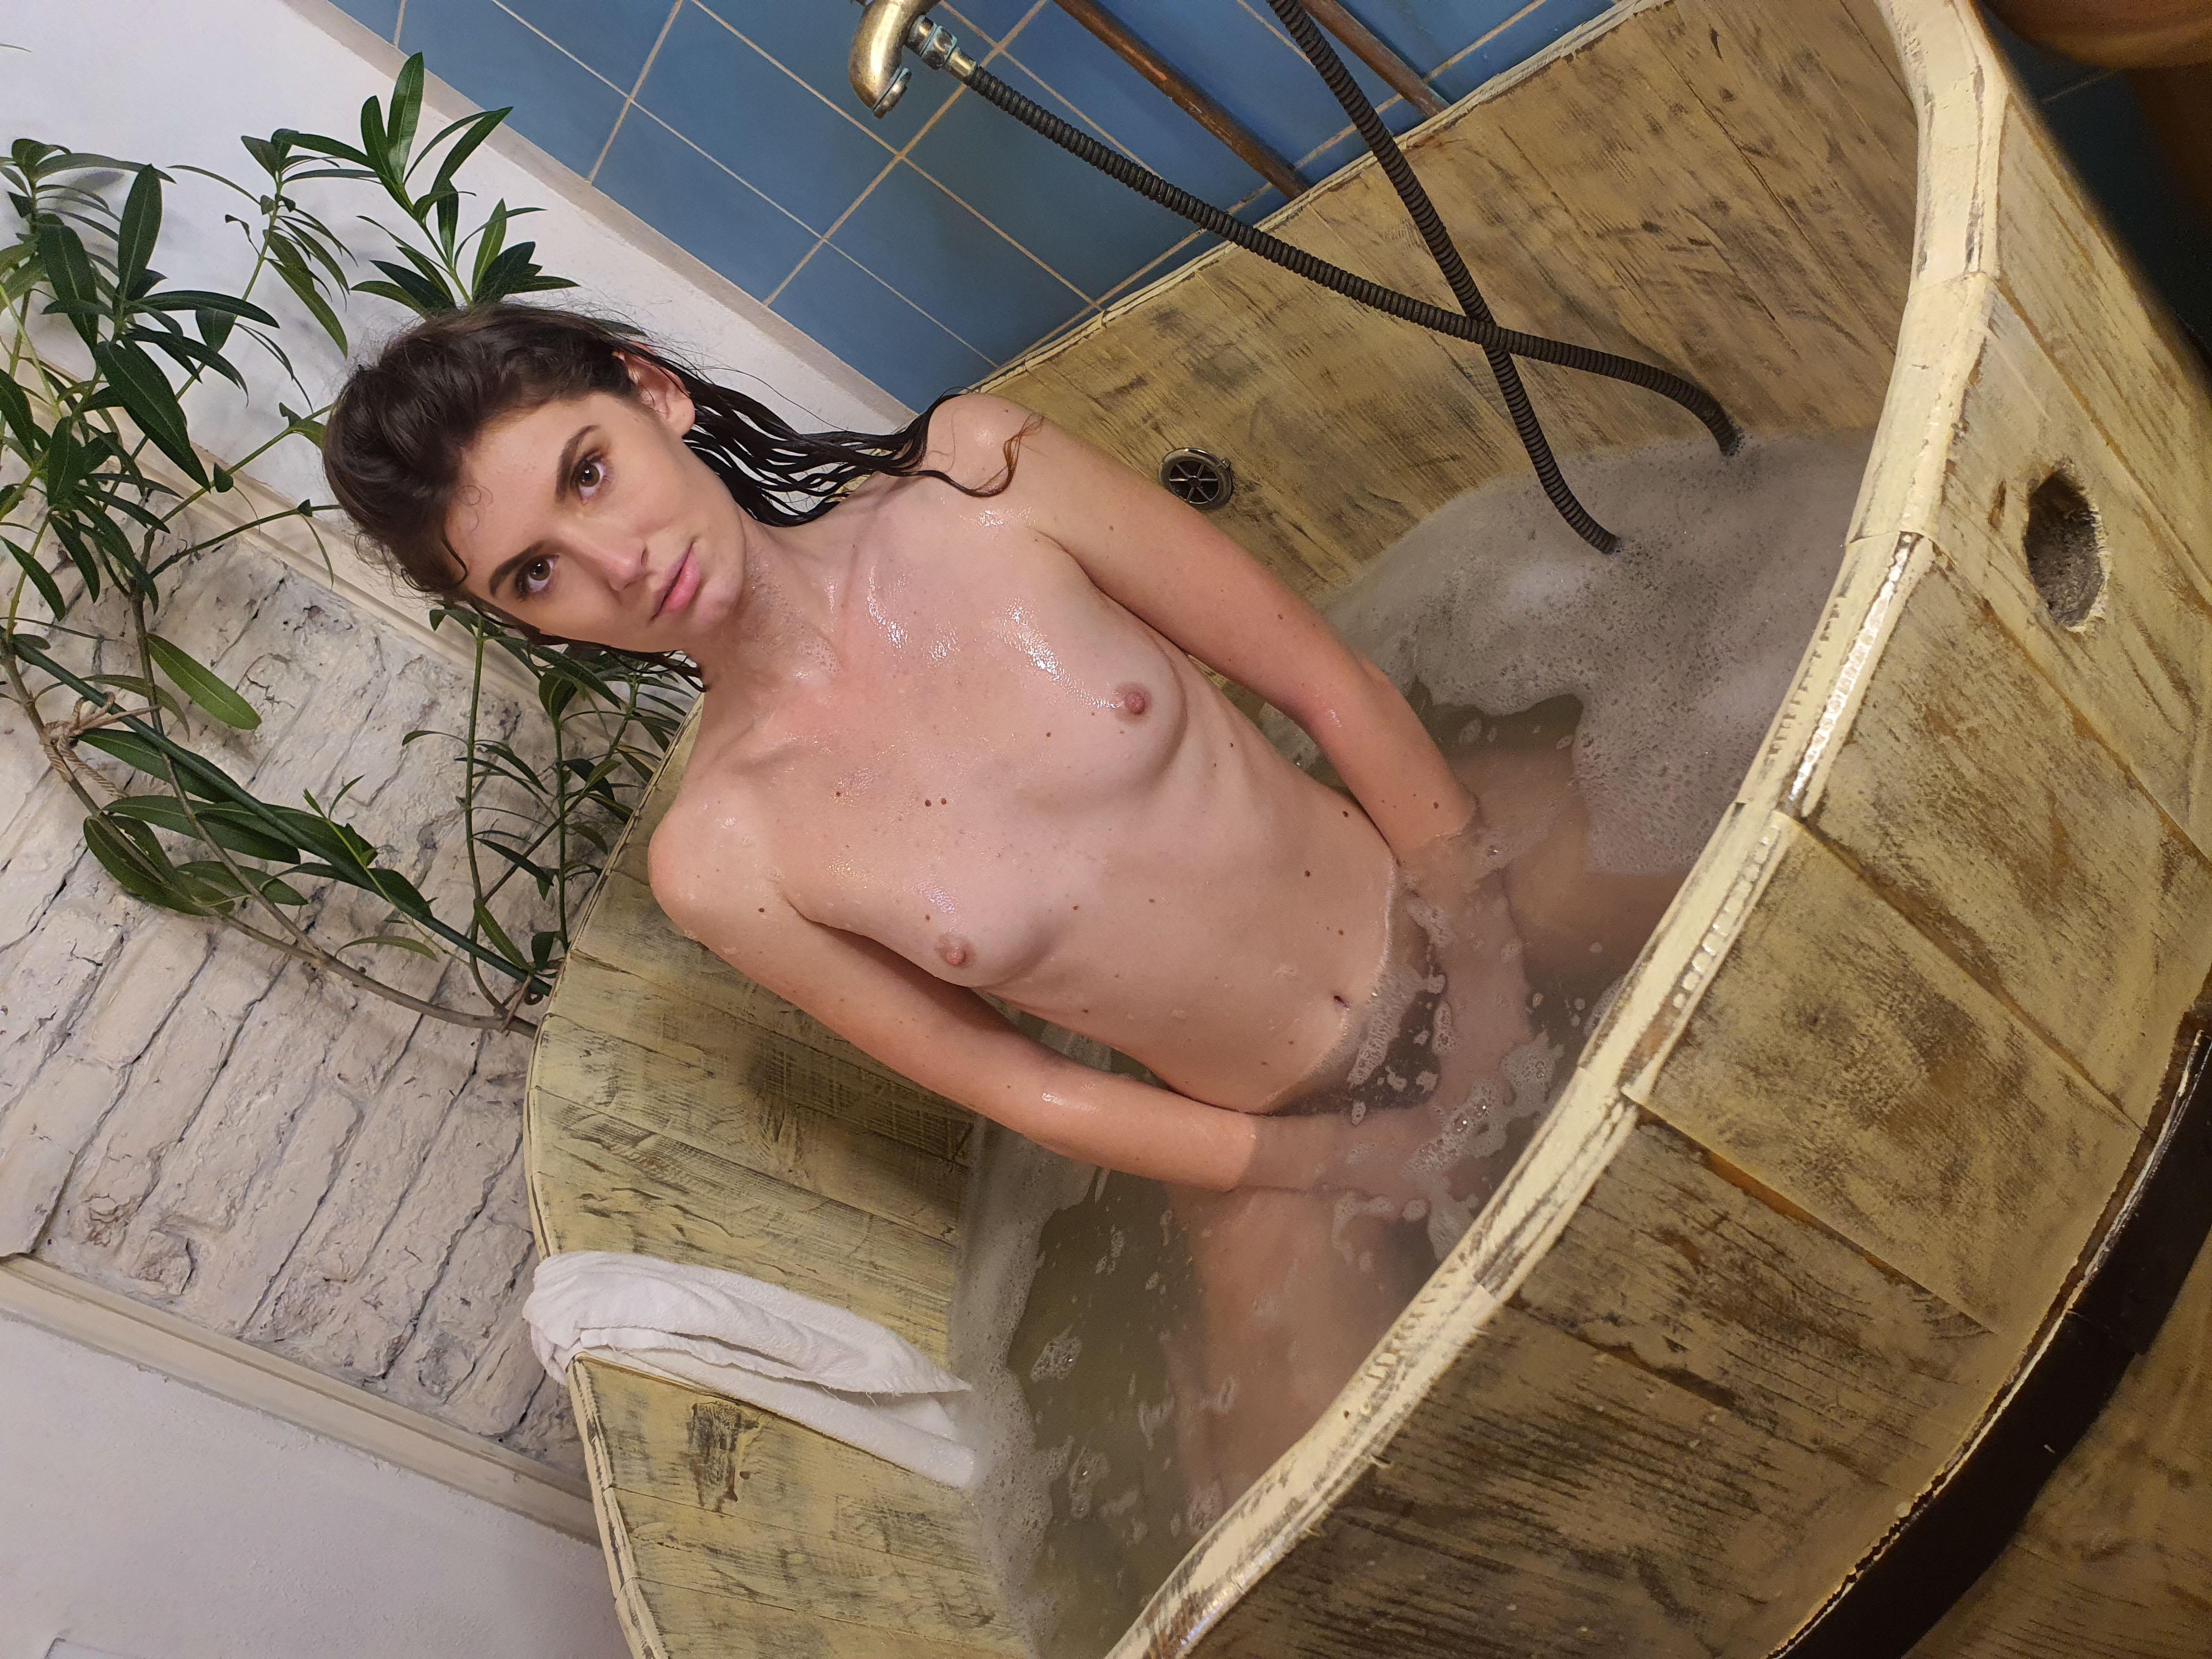 Koursaros Greek Porn Moro Toumpano Kolara (33)